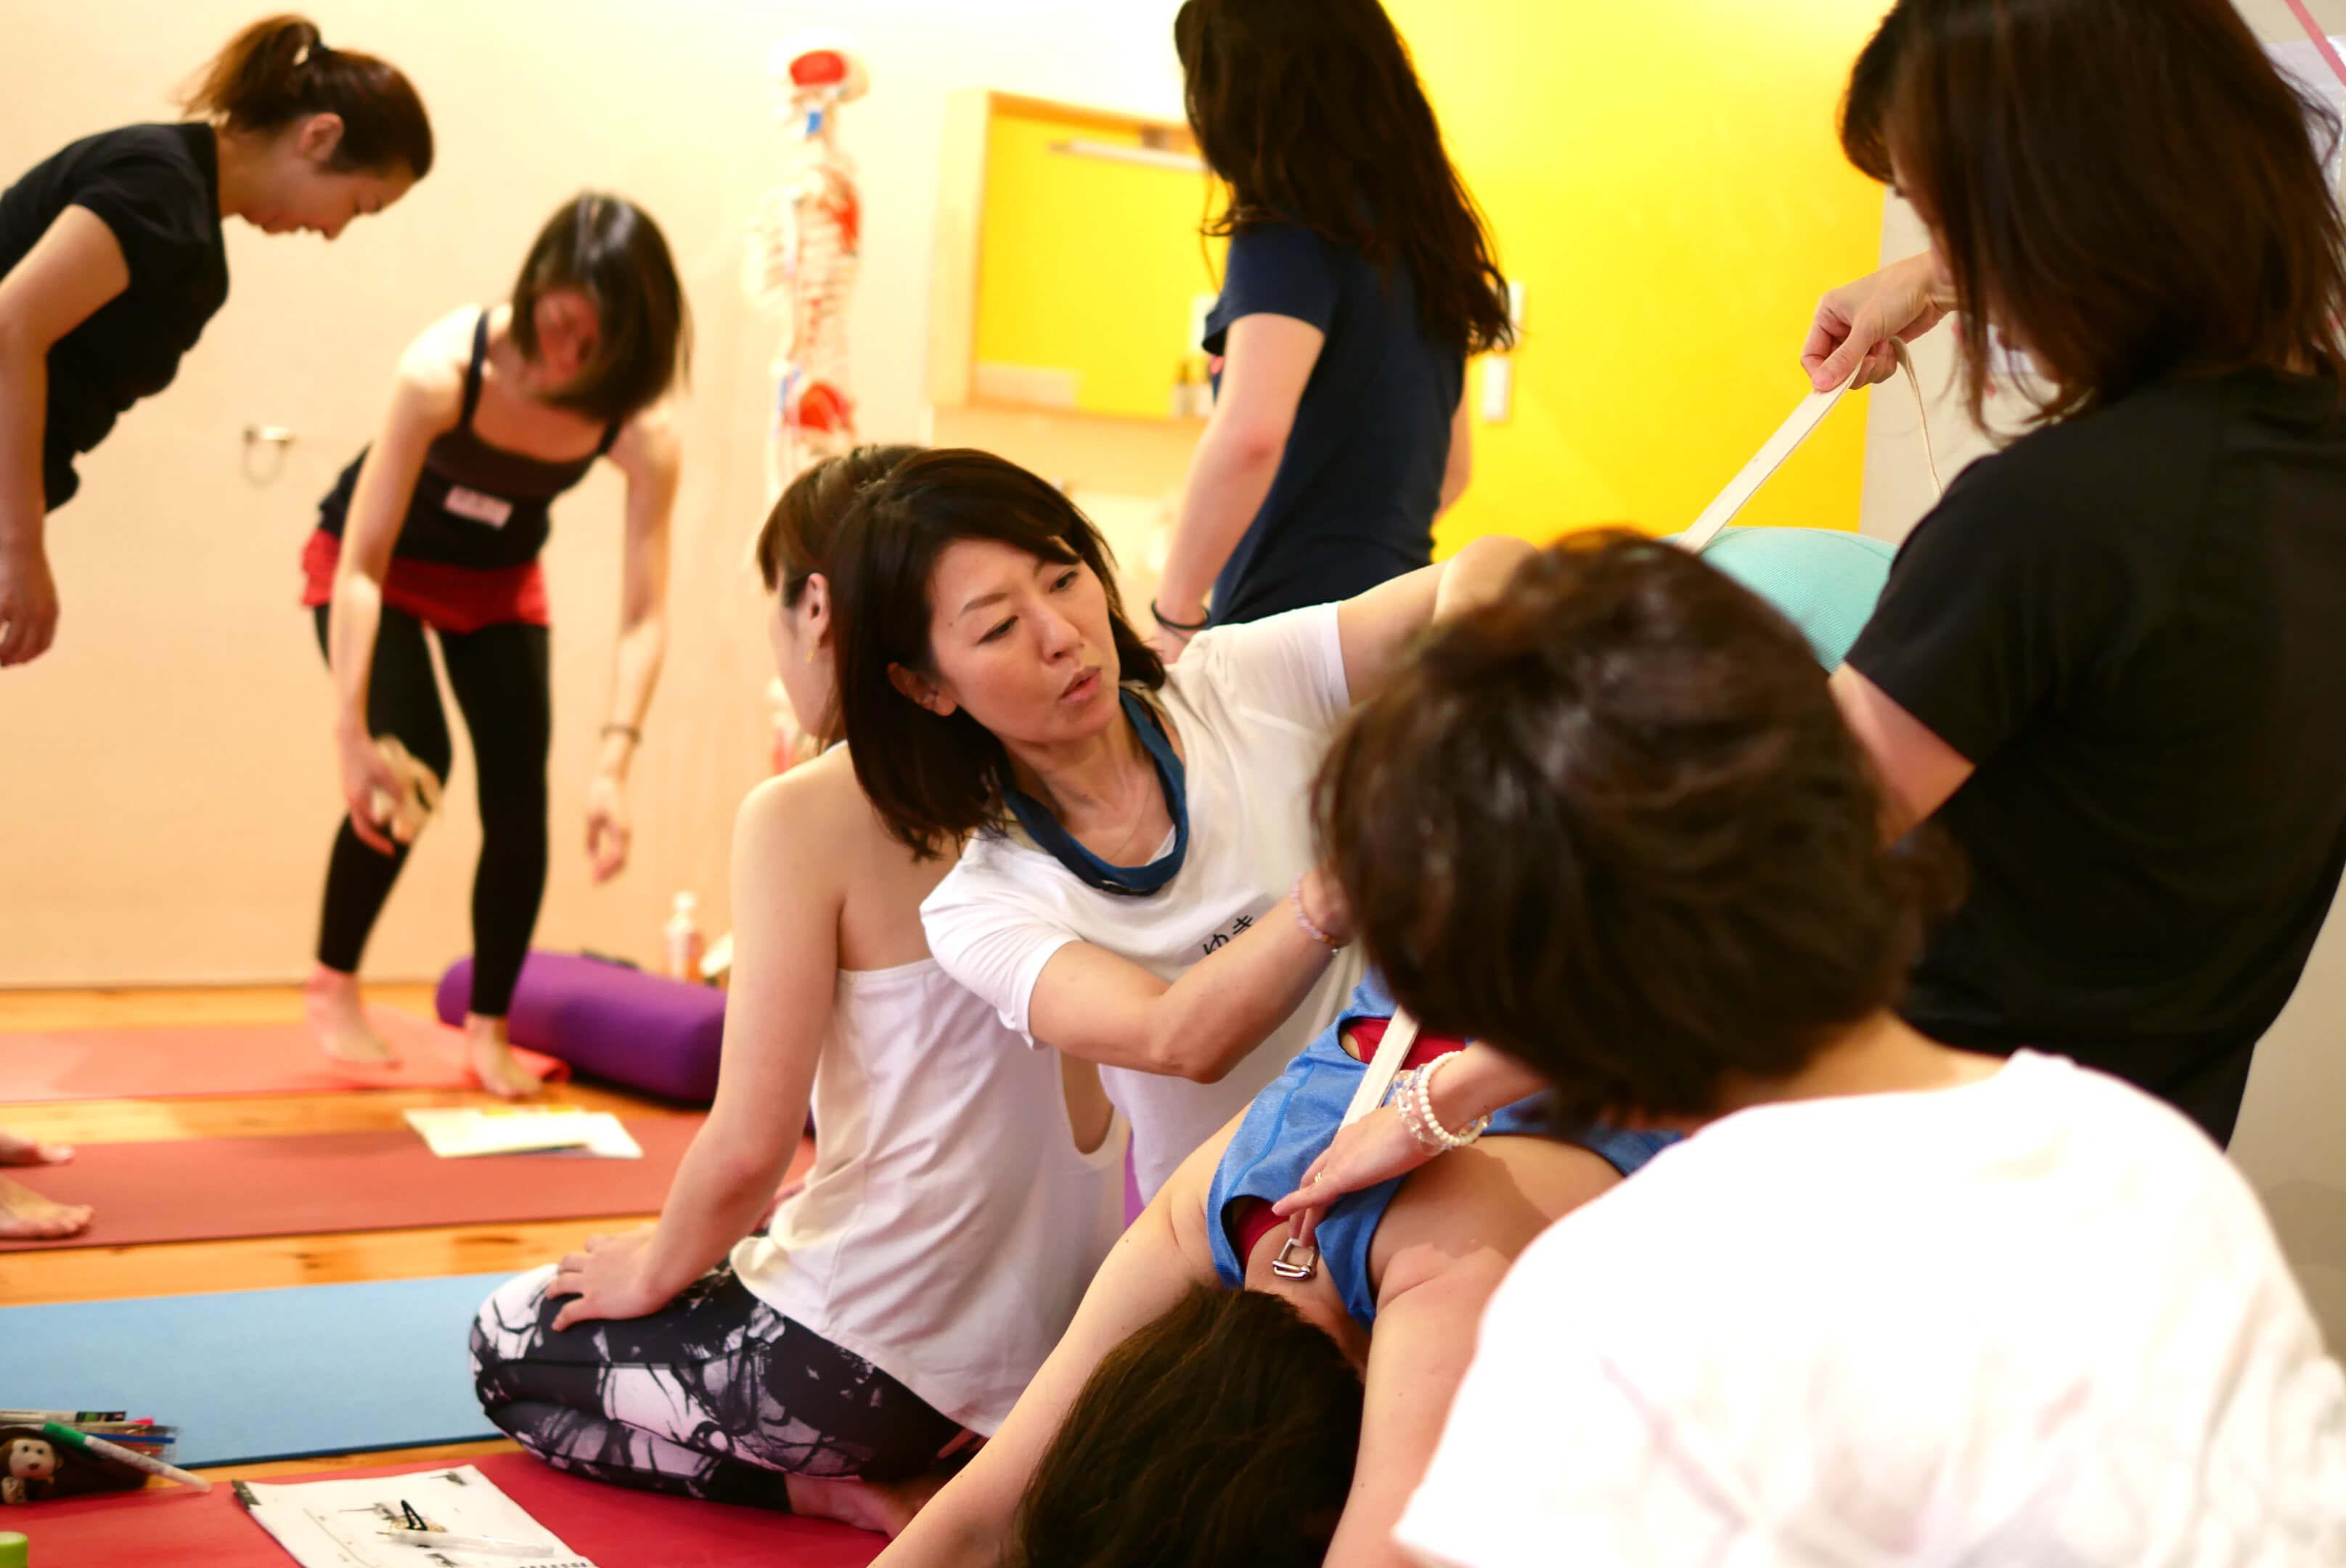 内田かつのり先生のシニアヨガ指導者養成講座の様子。ダウンドッグのペアワーク